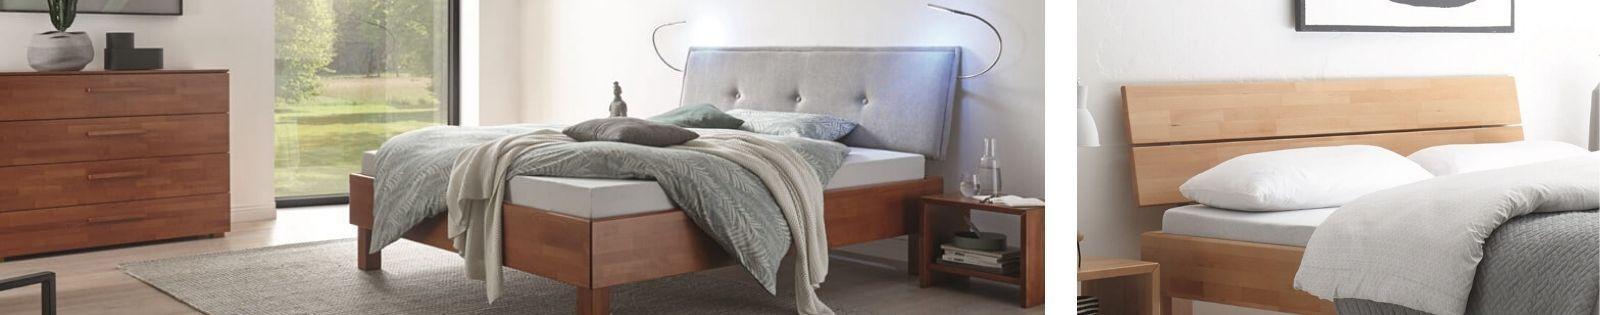 HASENA : GAMME WOOD LINE. Meubles en bois massif pour la chambre.